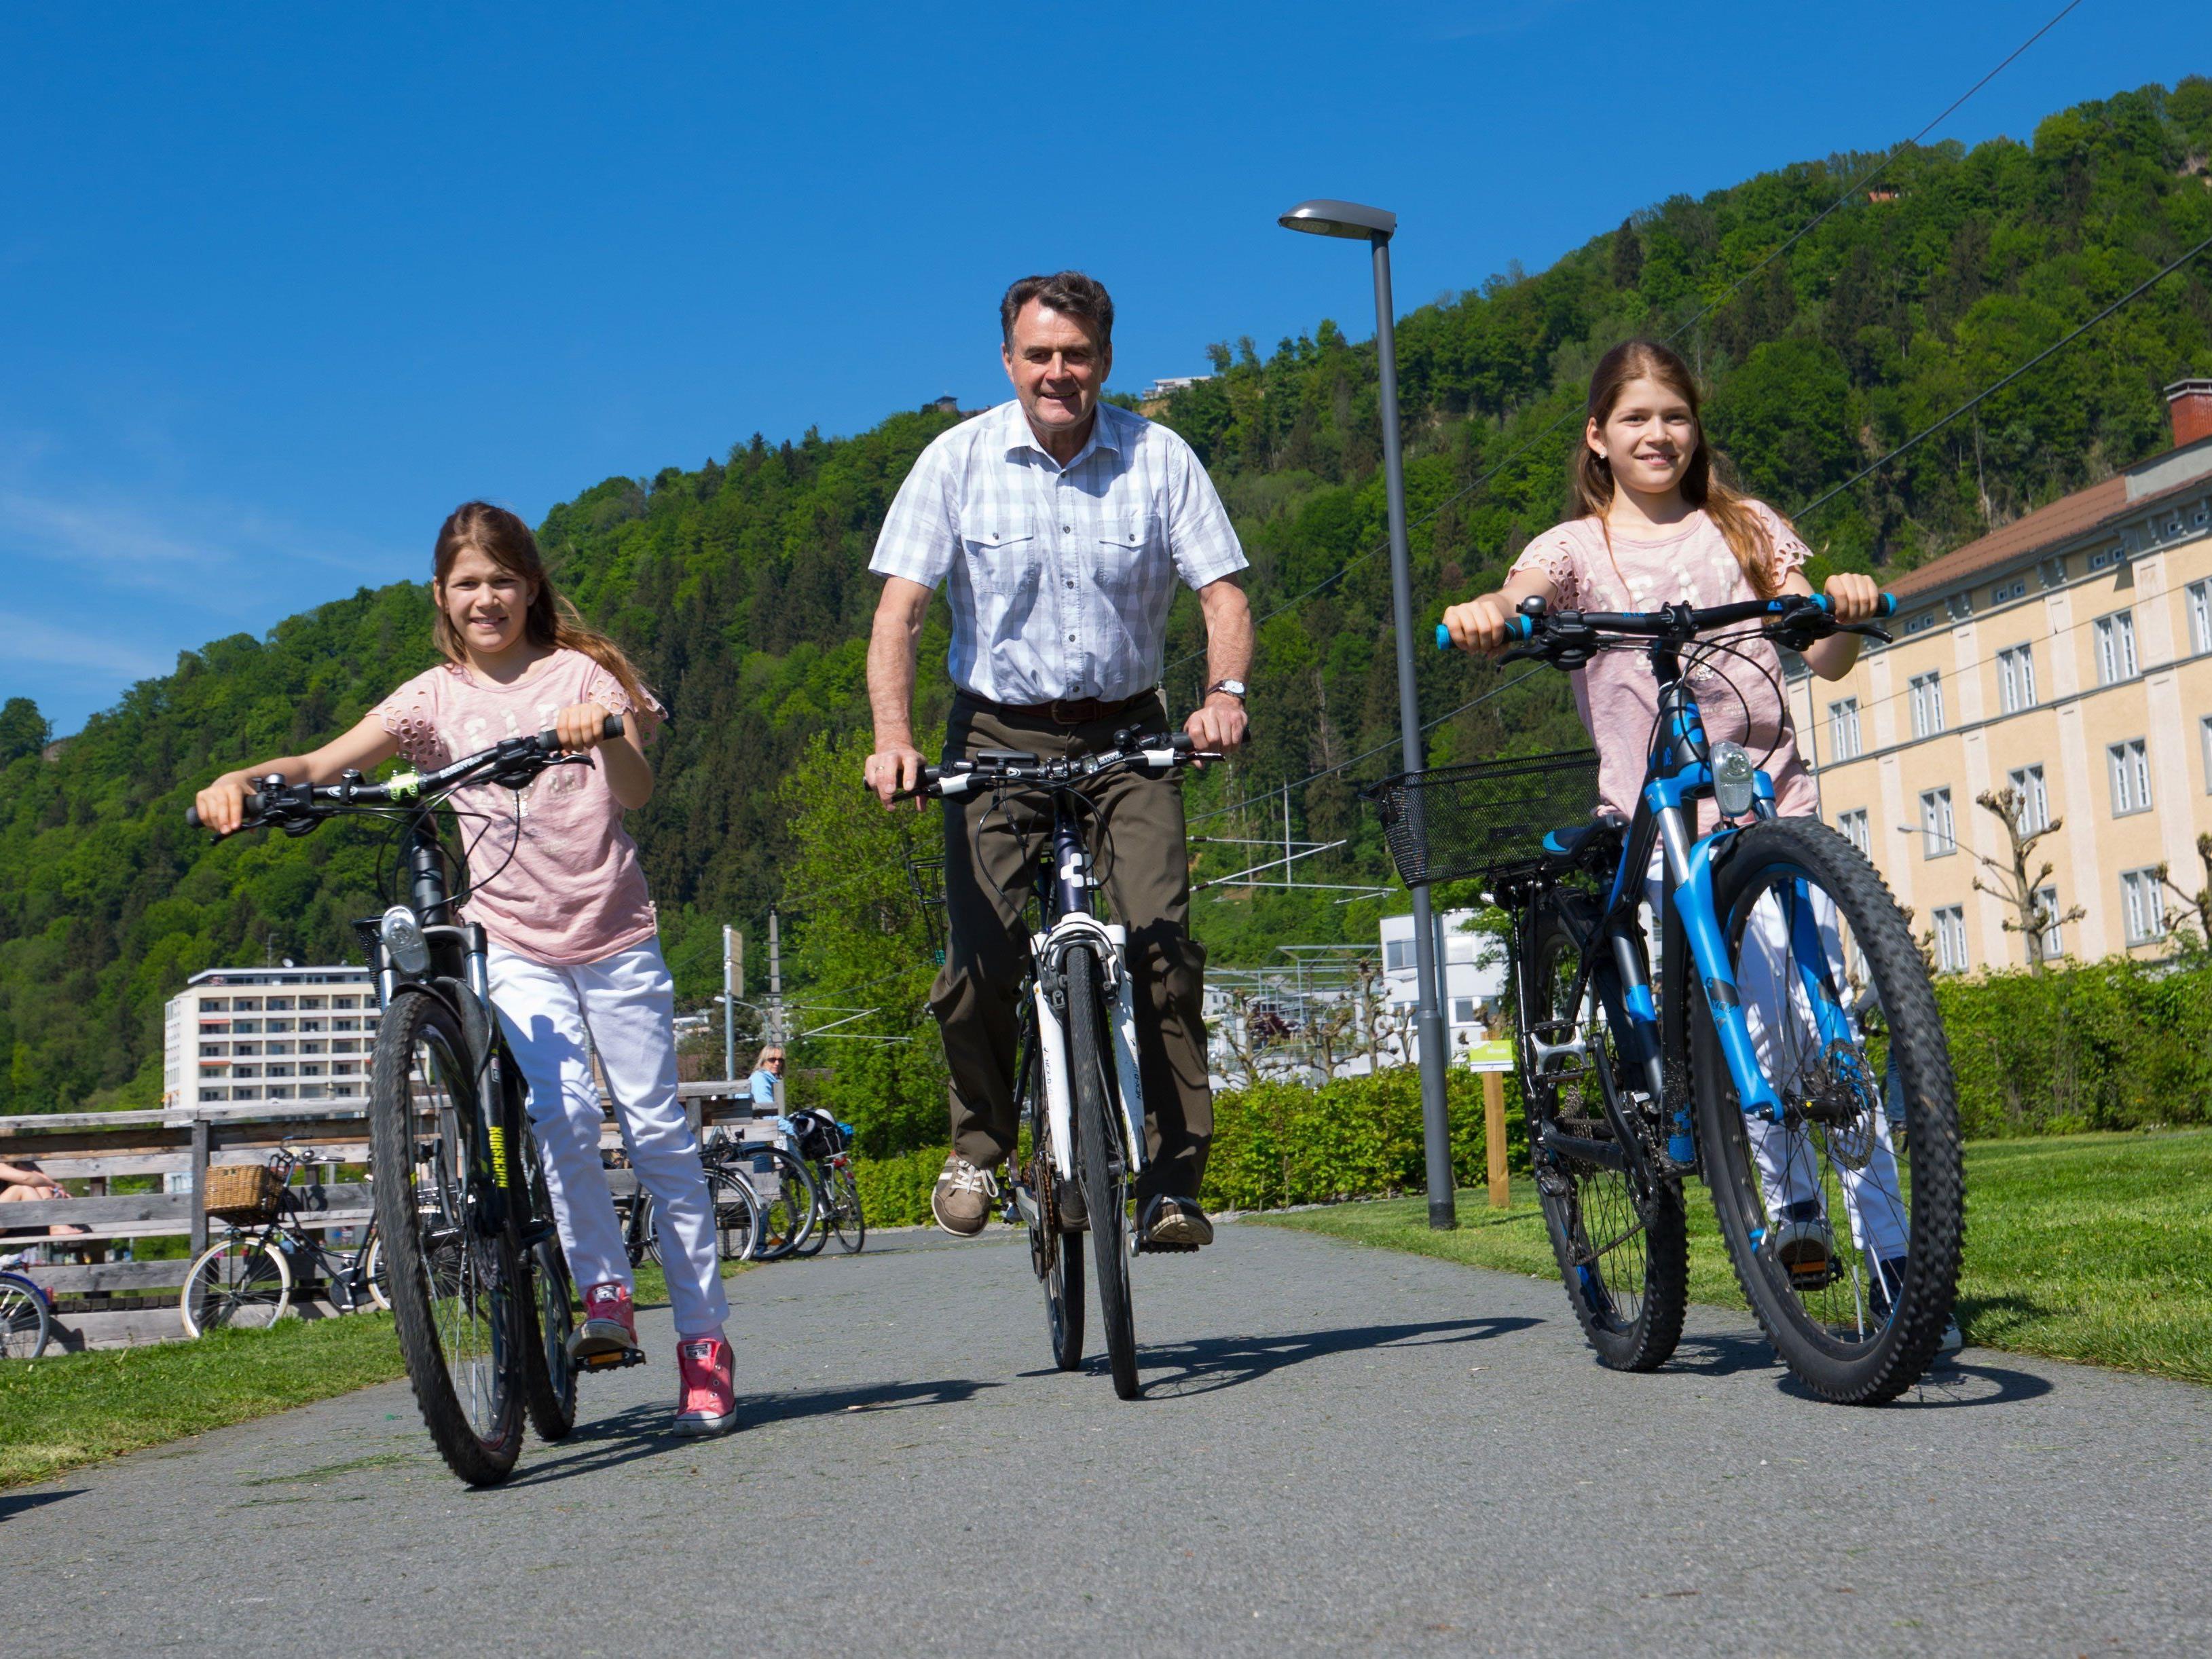 Radfahrer empfinden Vorarlberg als freundliches Pflaster. (Themenbild)